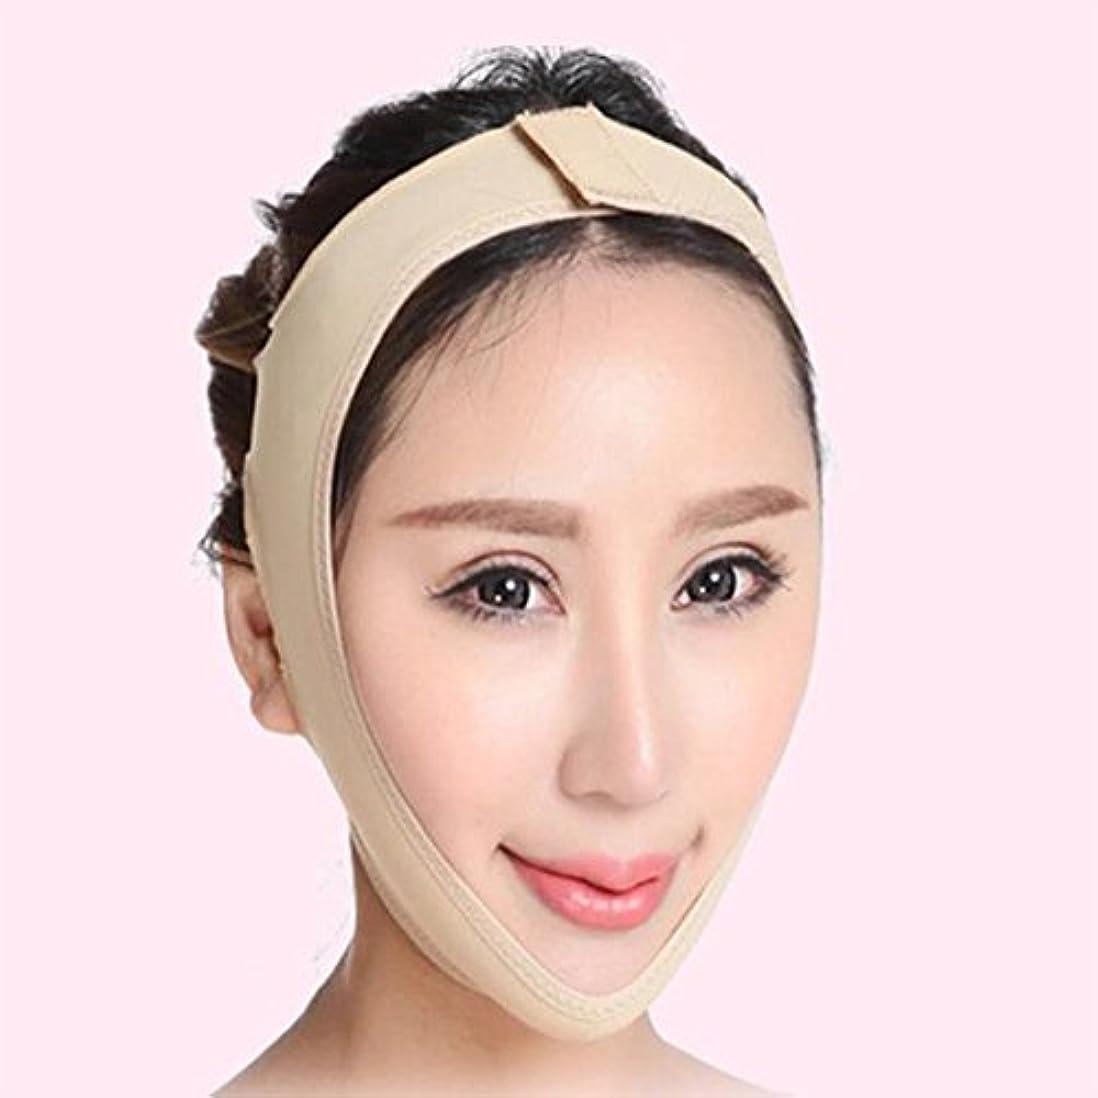 はぁ不規則性引っ張るSD 小顔 小顔マスク リフトアップ マスク フェイスライン 矯正 あご シャープ メンズ レディース Mサイズ AZD15003-M